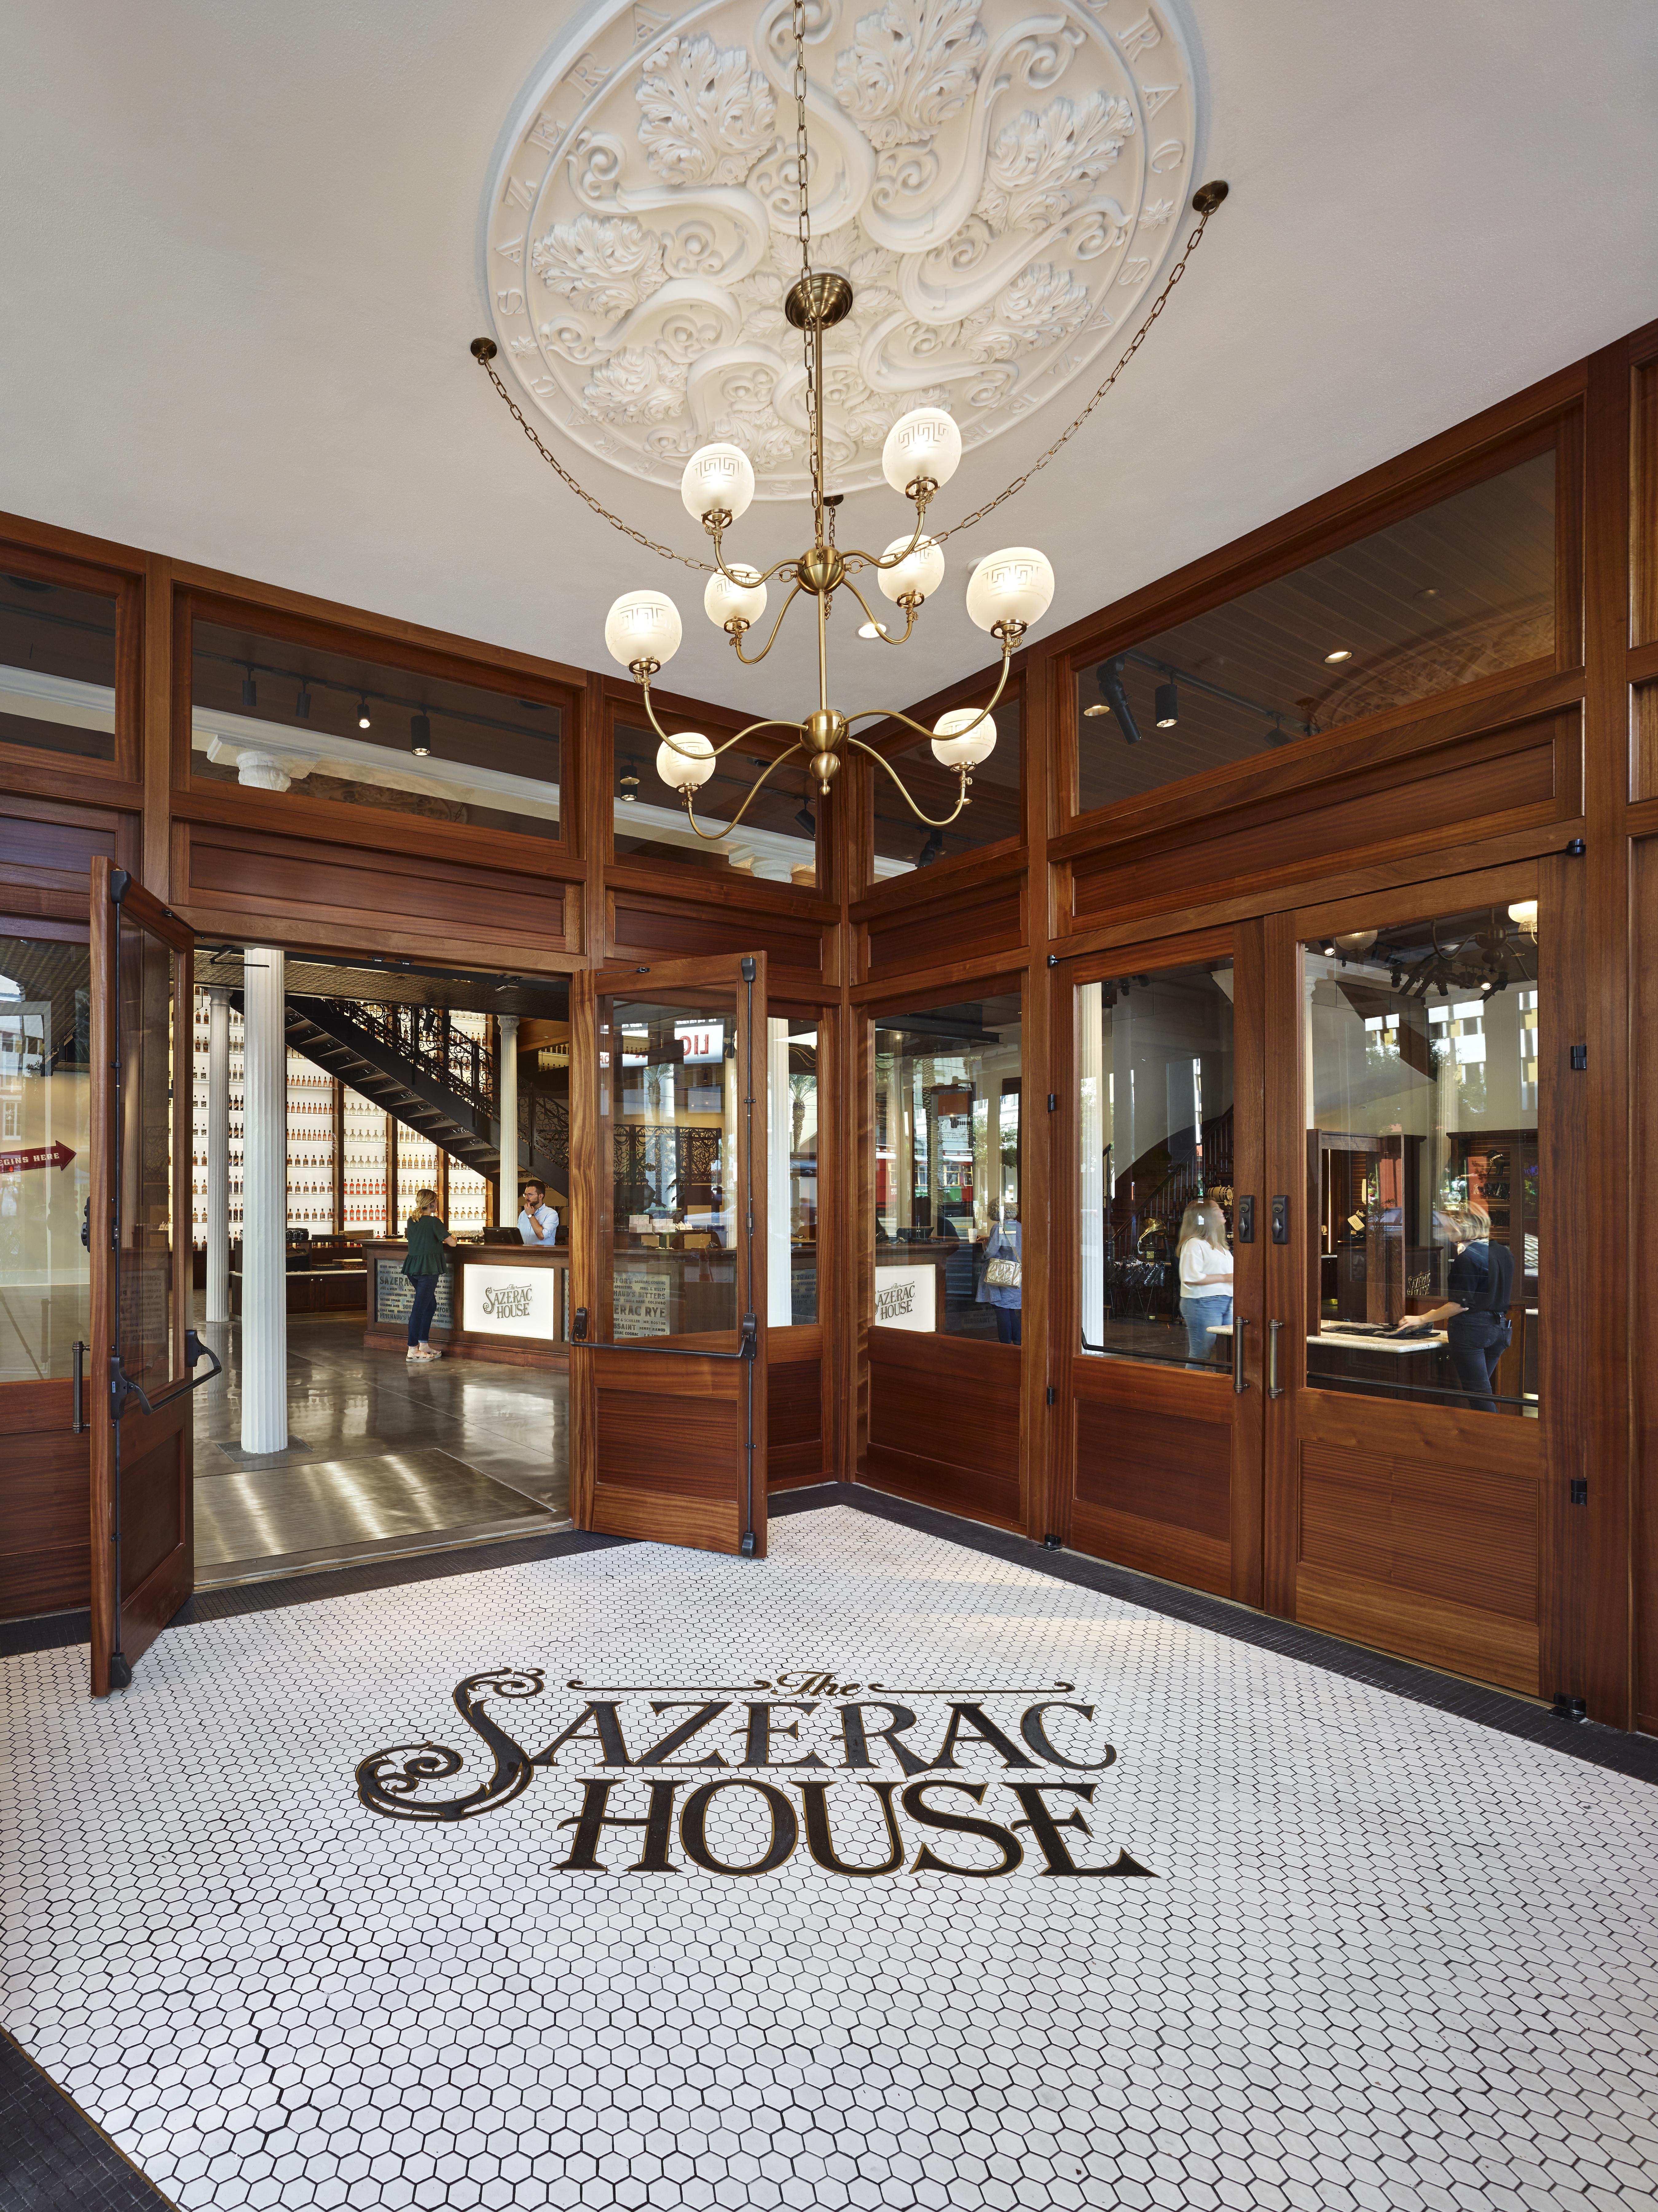 sazerac house lobby entry